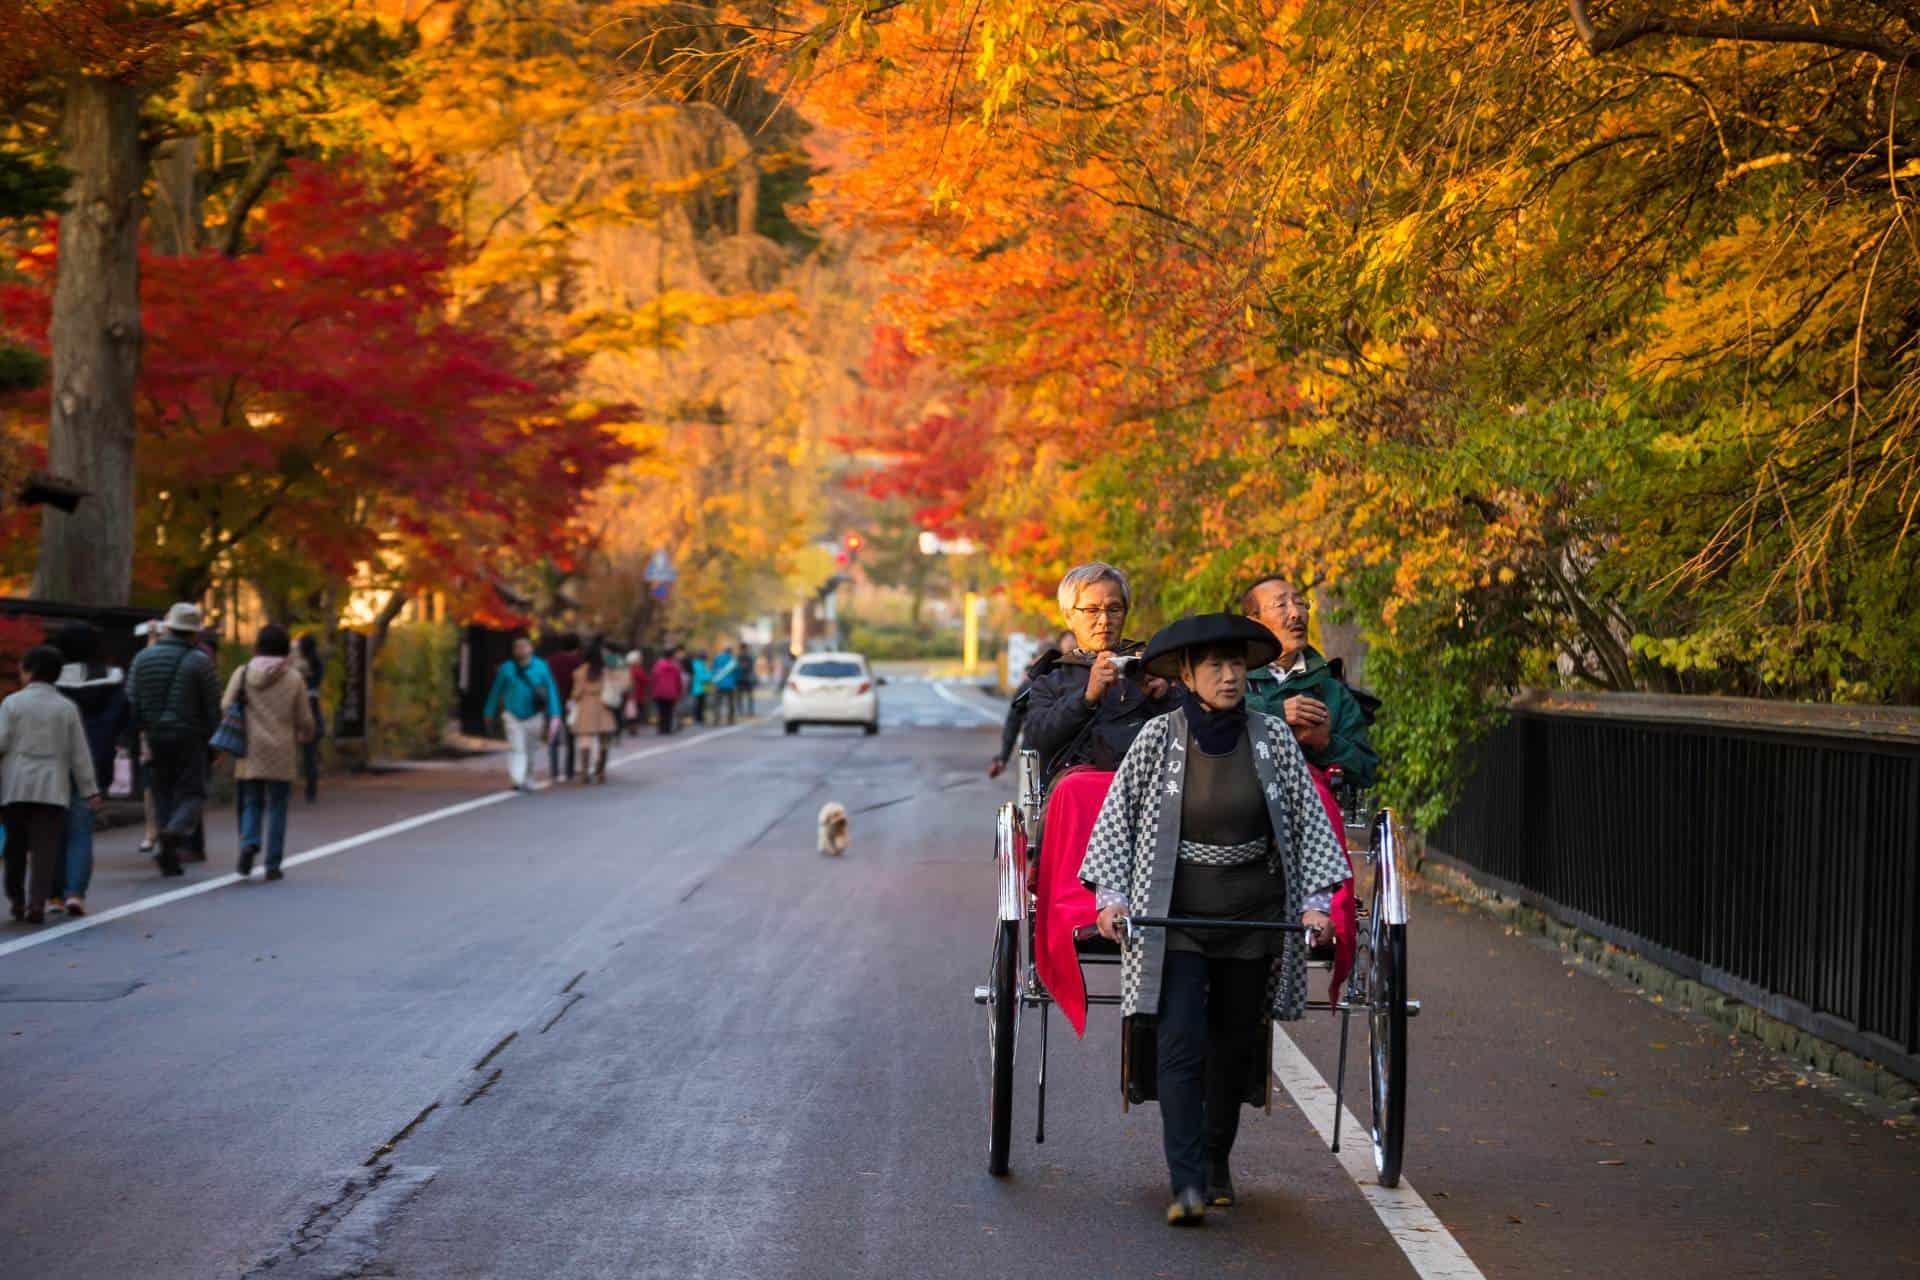 ถนนบริเวณหมู่บ้านซามูไรคาคุโนดาเตะในฤดูใบไม้ร่วง